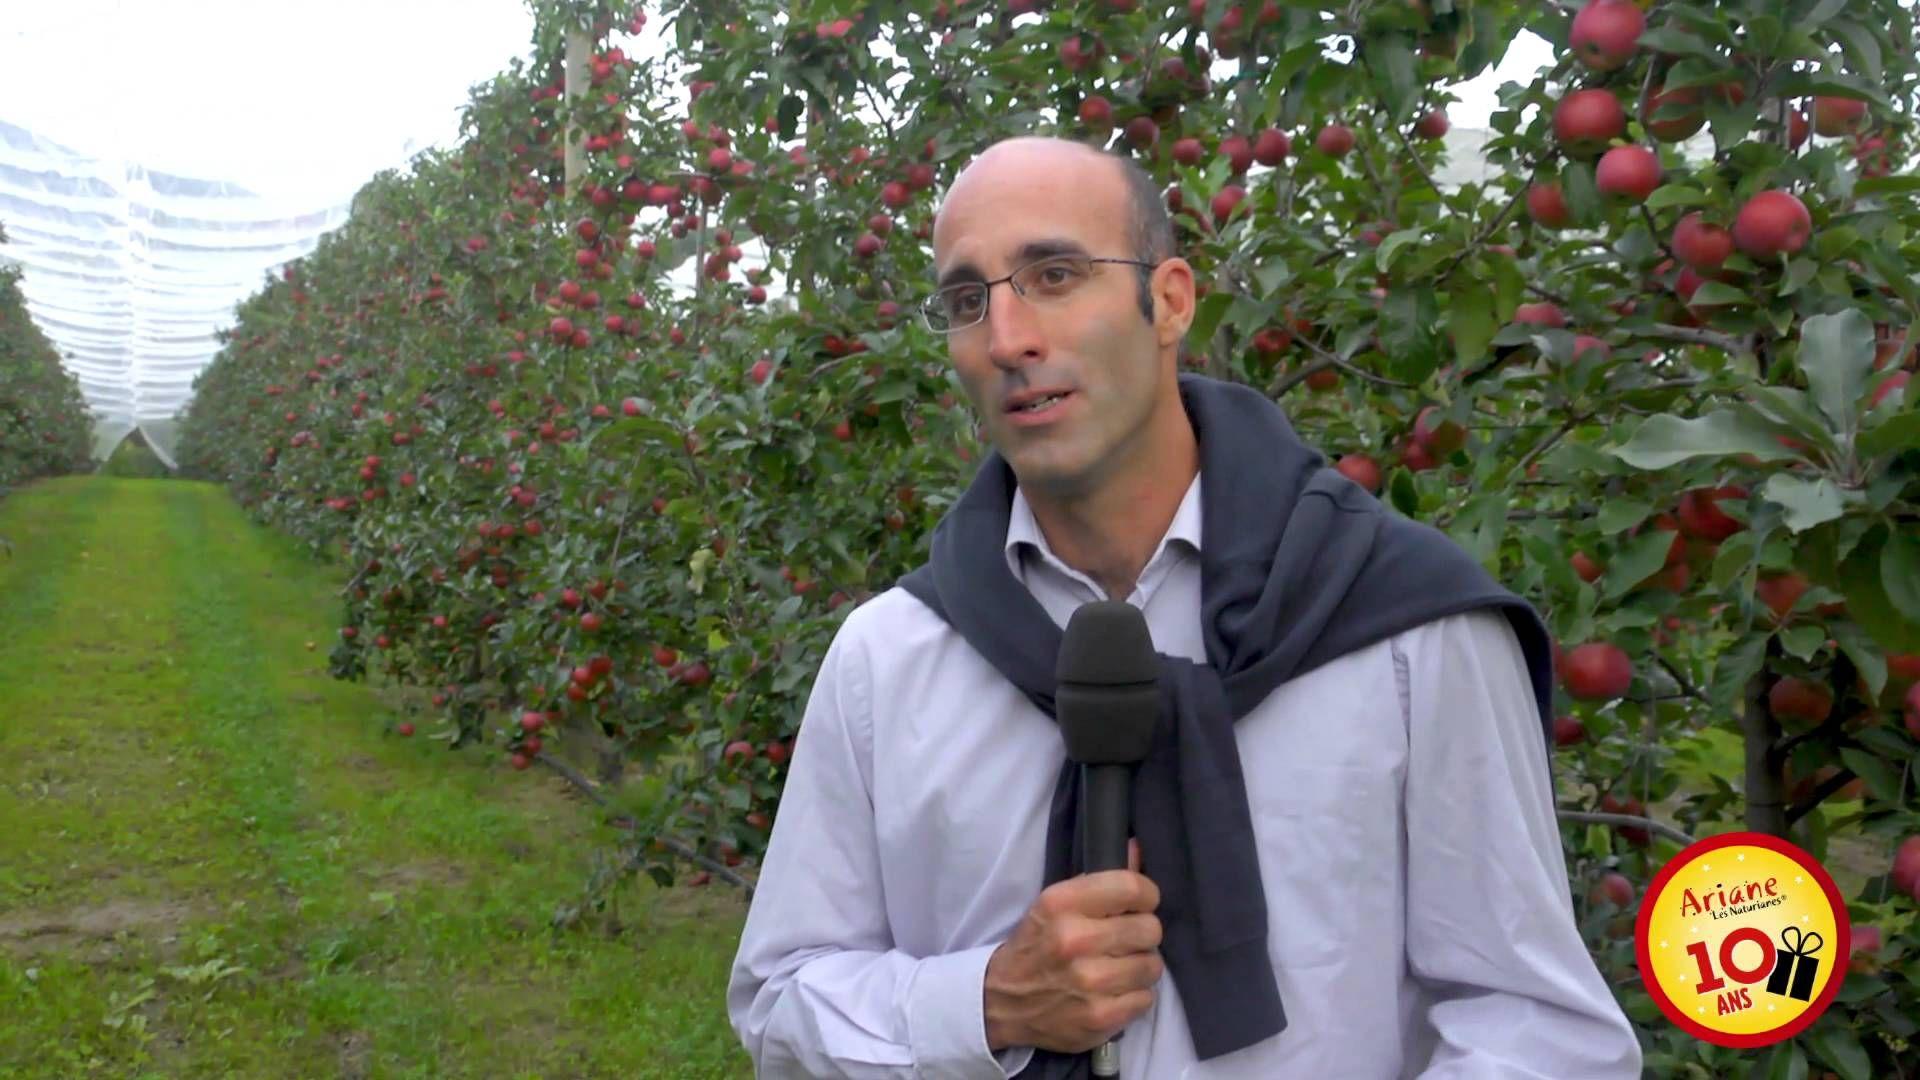 La pomme Ariane vue par ceux qui la font - Robert Cecchetti En septembre dernier, un voyage de presse a été organisé dans les vergers du coteau lyonnais pour fêter les 10 ans de notre belle pomme Ariane ! A cette occasion, les pomiculteurs d'Ariane racontent ce qu'ils aiment le plus chez leur pomme préférée.